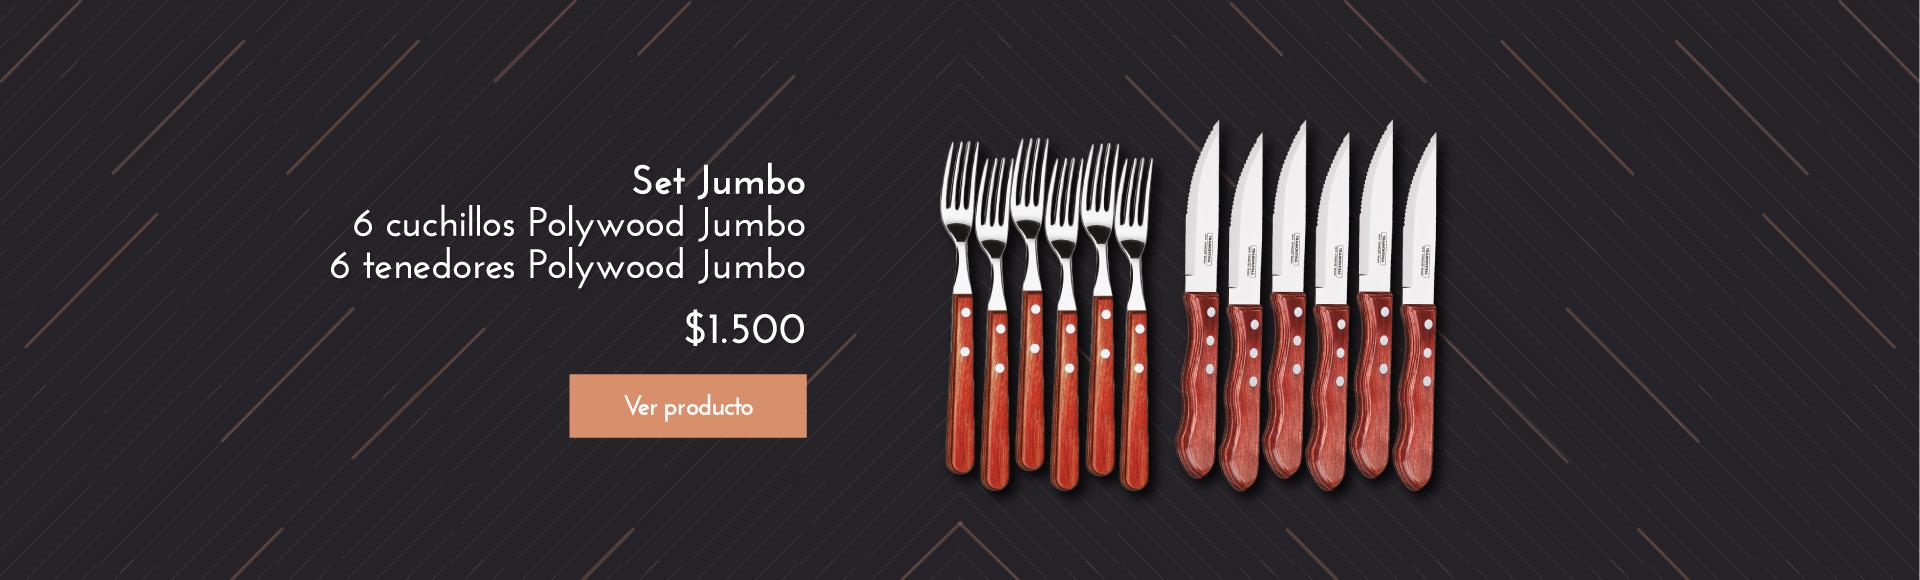 Promo Jumbo